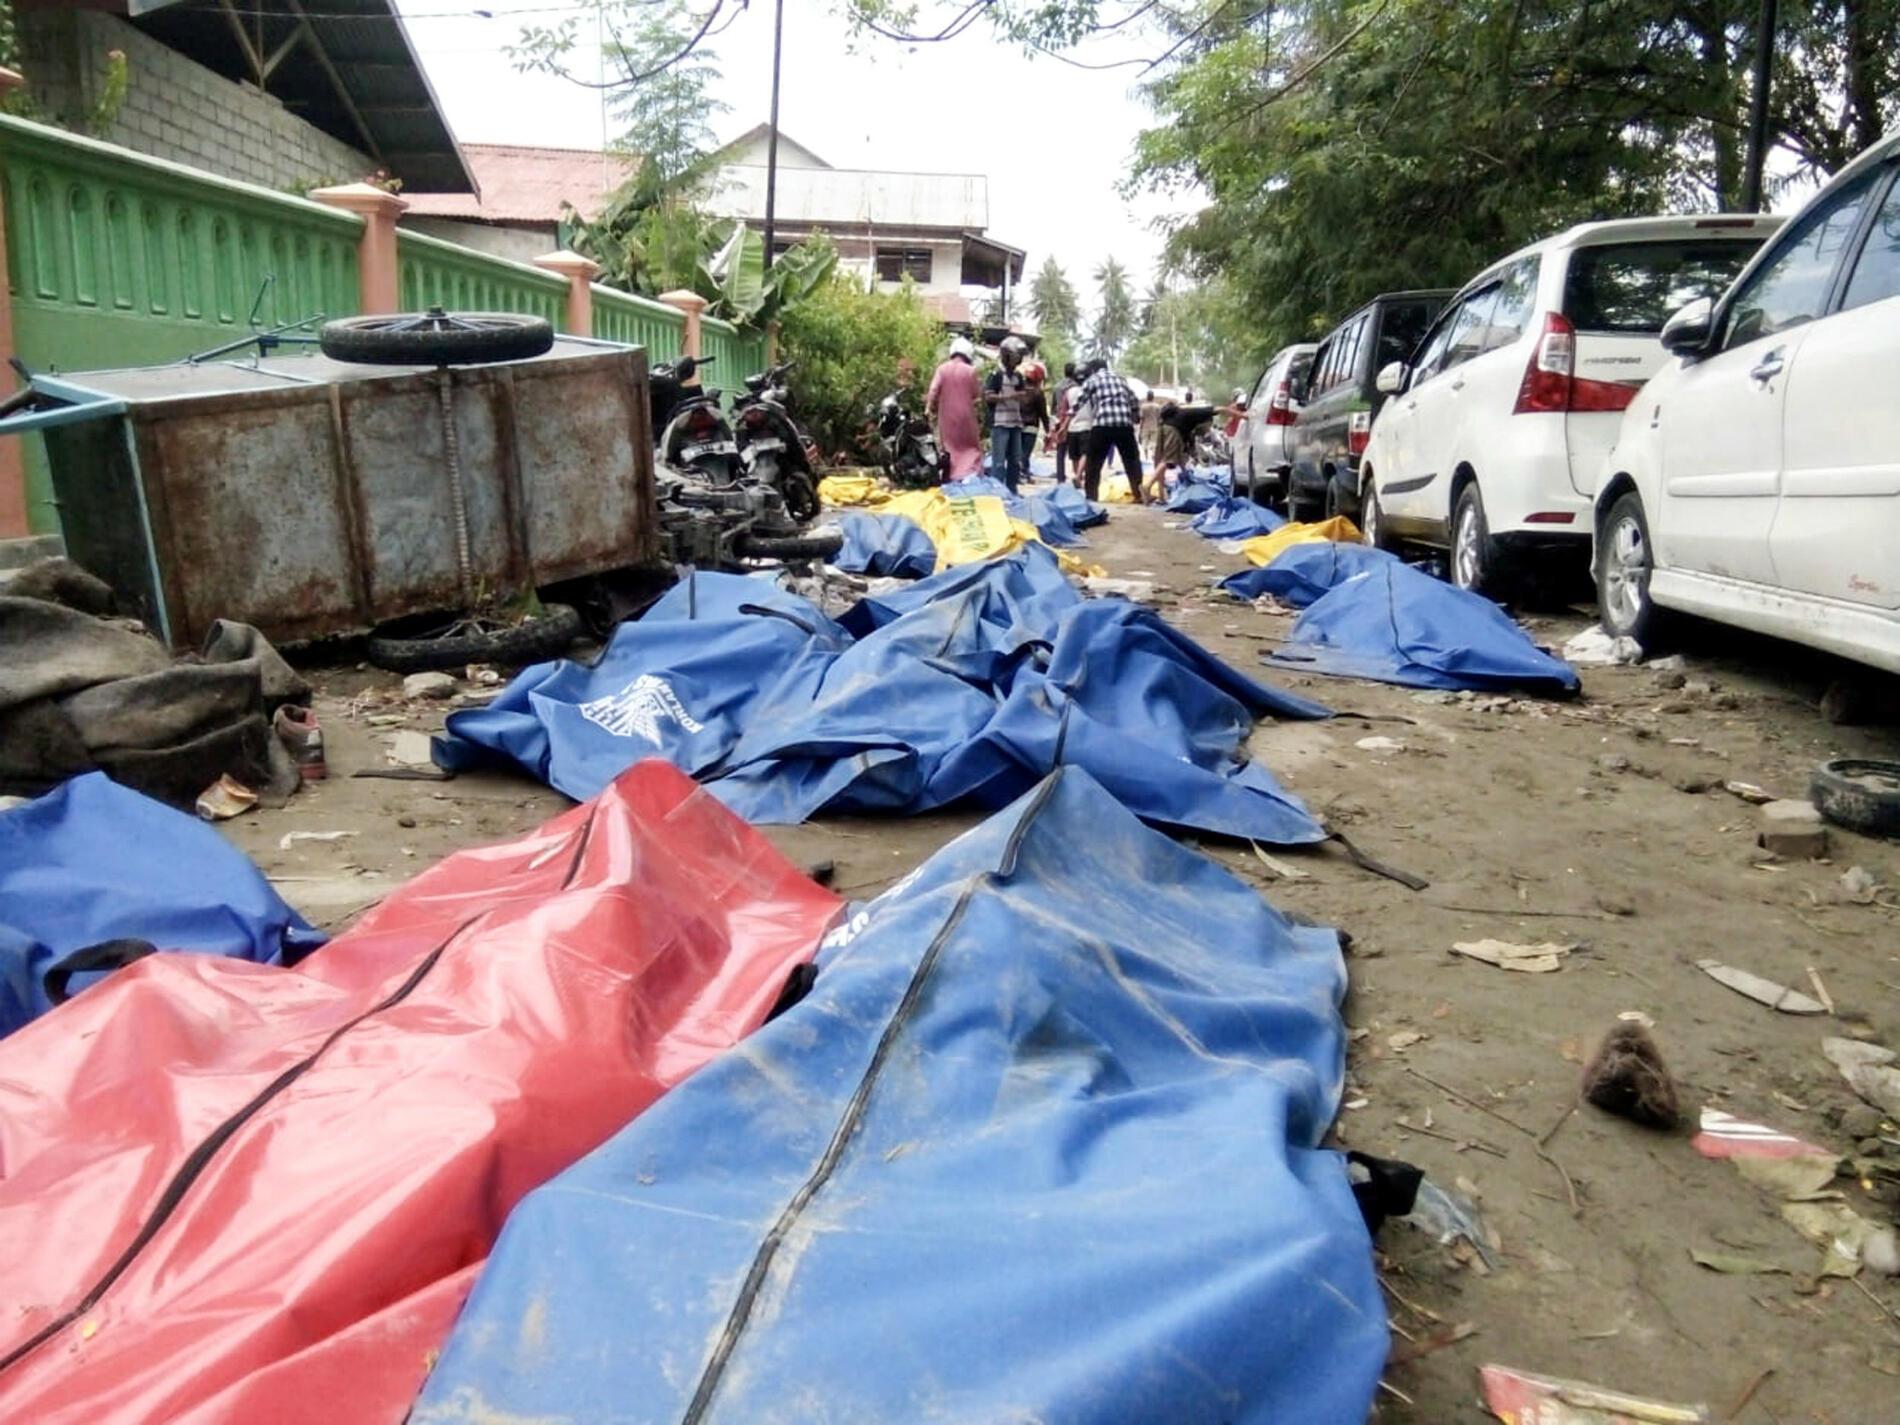 Le bilan officiel mais toujours provisoire, dimanche 30 septembre, était de 832 morts. Les autorités craignent que ce bilan s'alourdisse encore davantage.